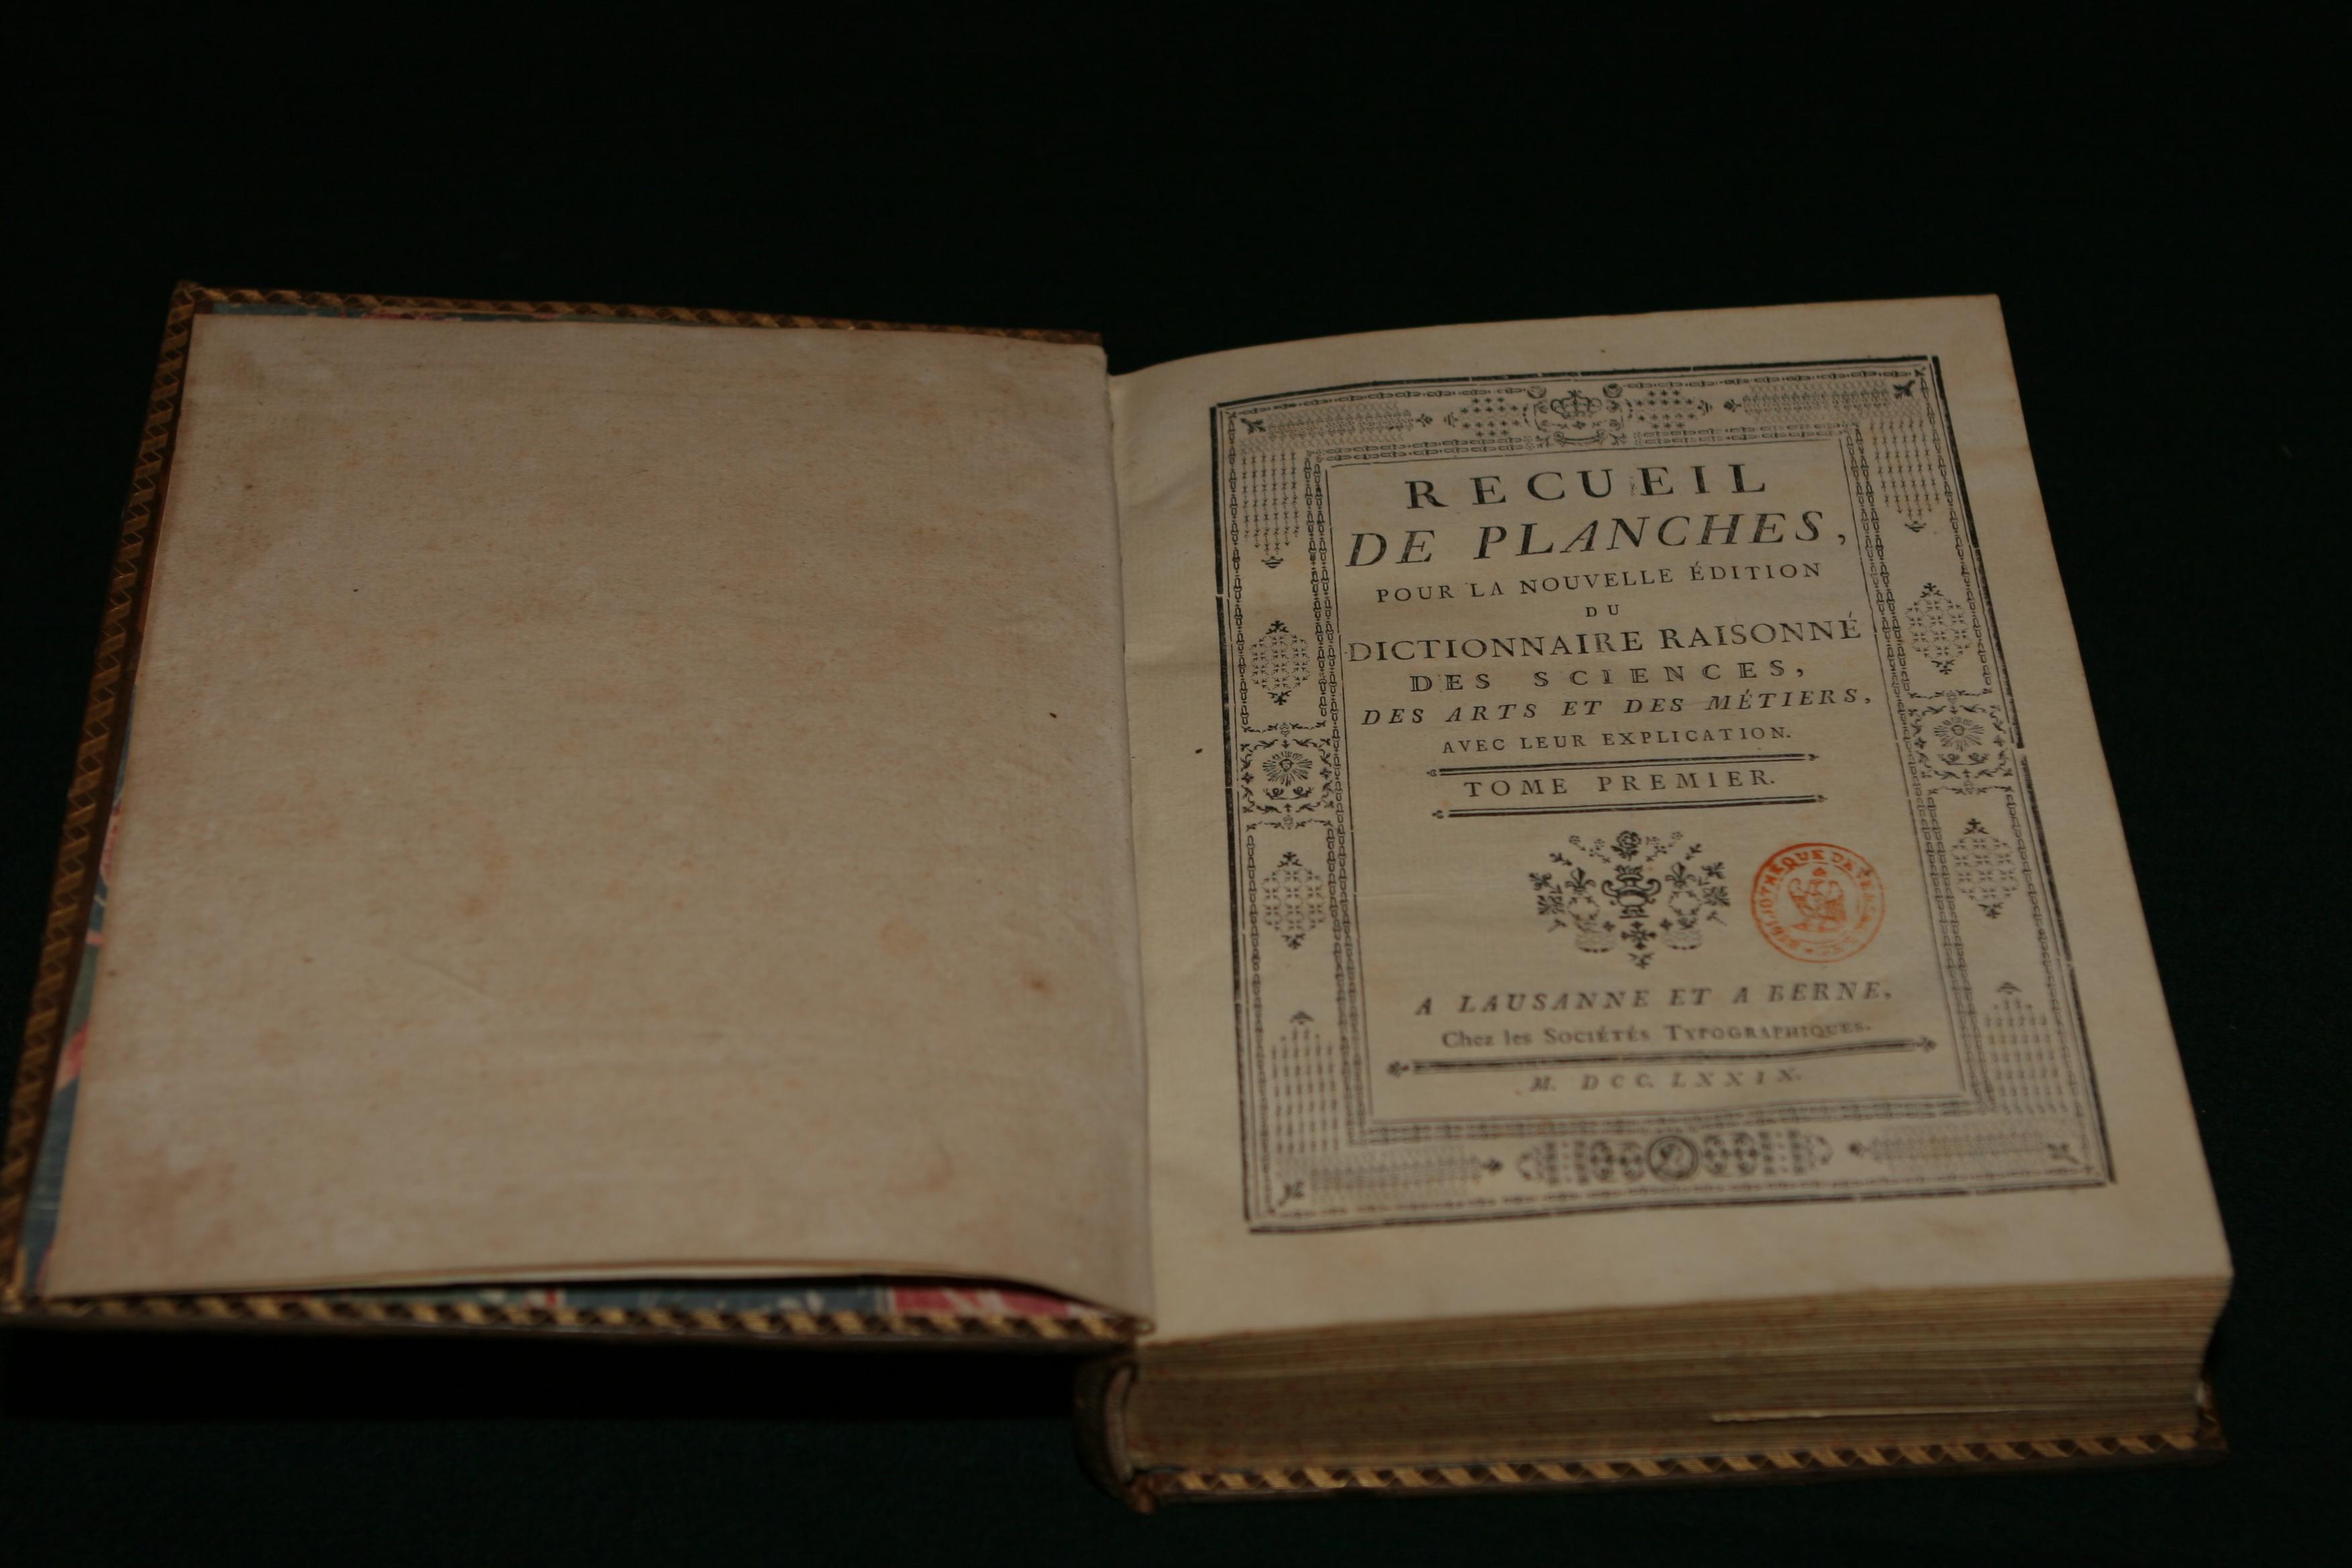 Iluminismul, Enciclopedia sau Dicţionarul sistematic al ştiinţelor, al artelor şi meseriilor